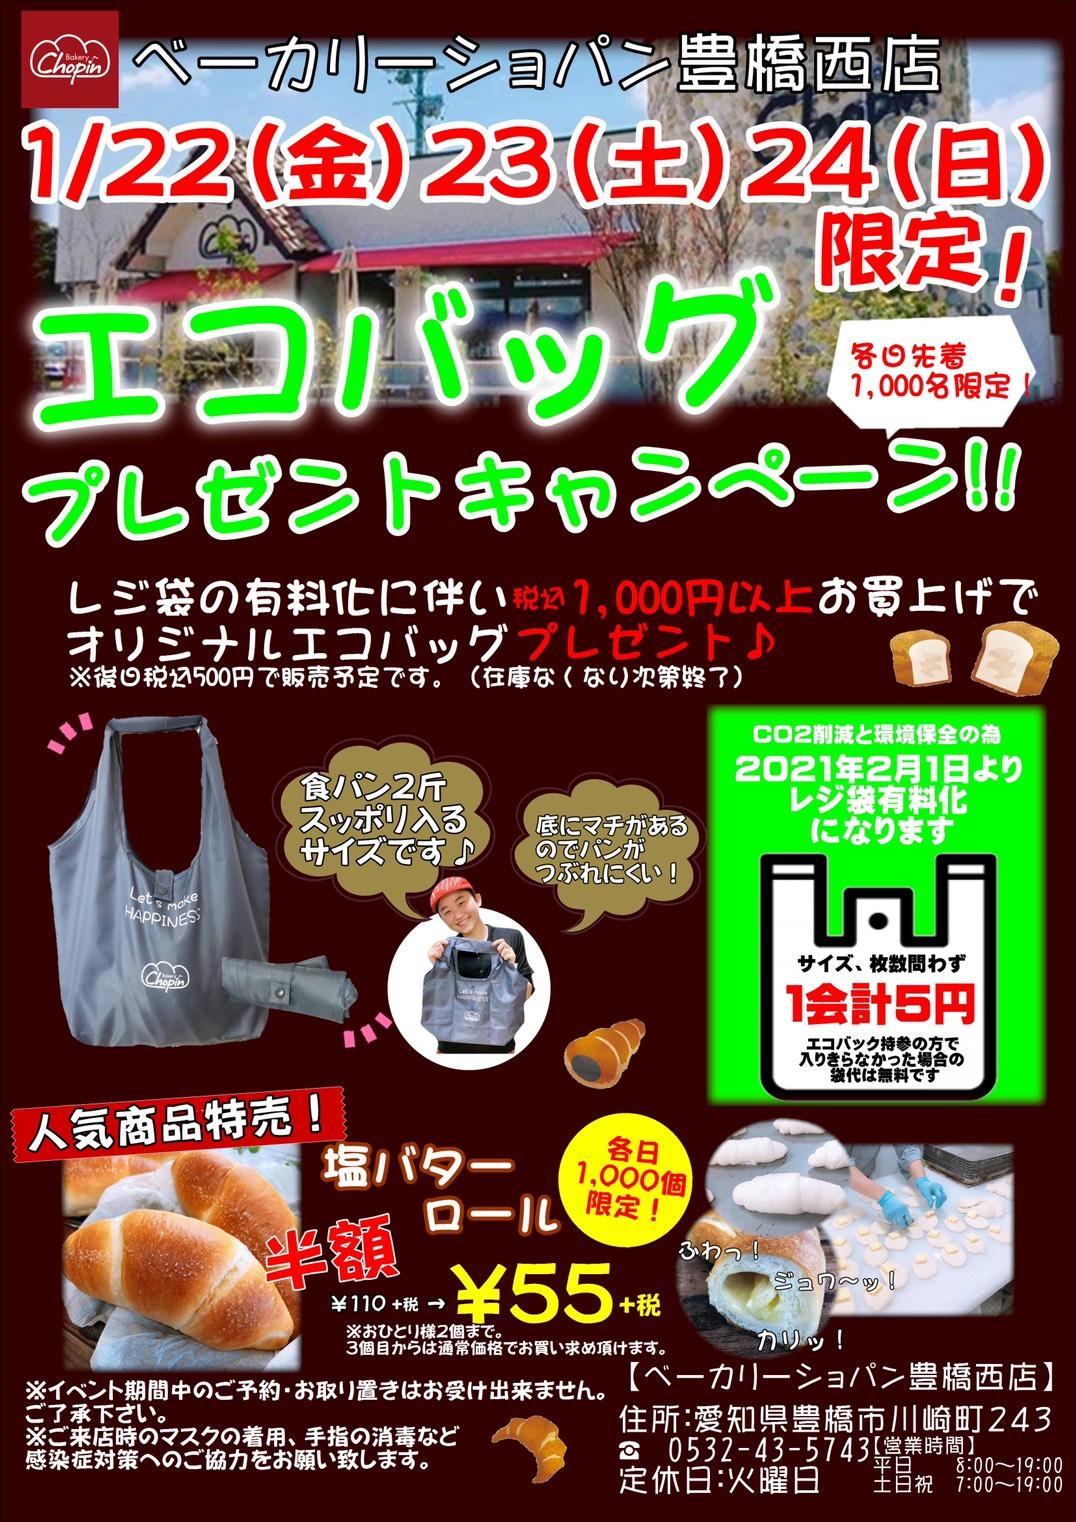 予告!エコバックプレゼントキャンペーン!!